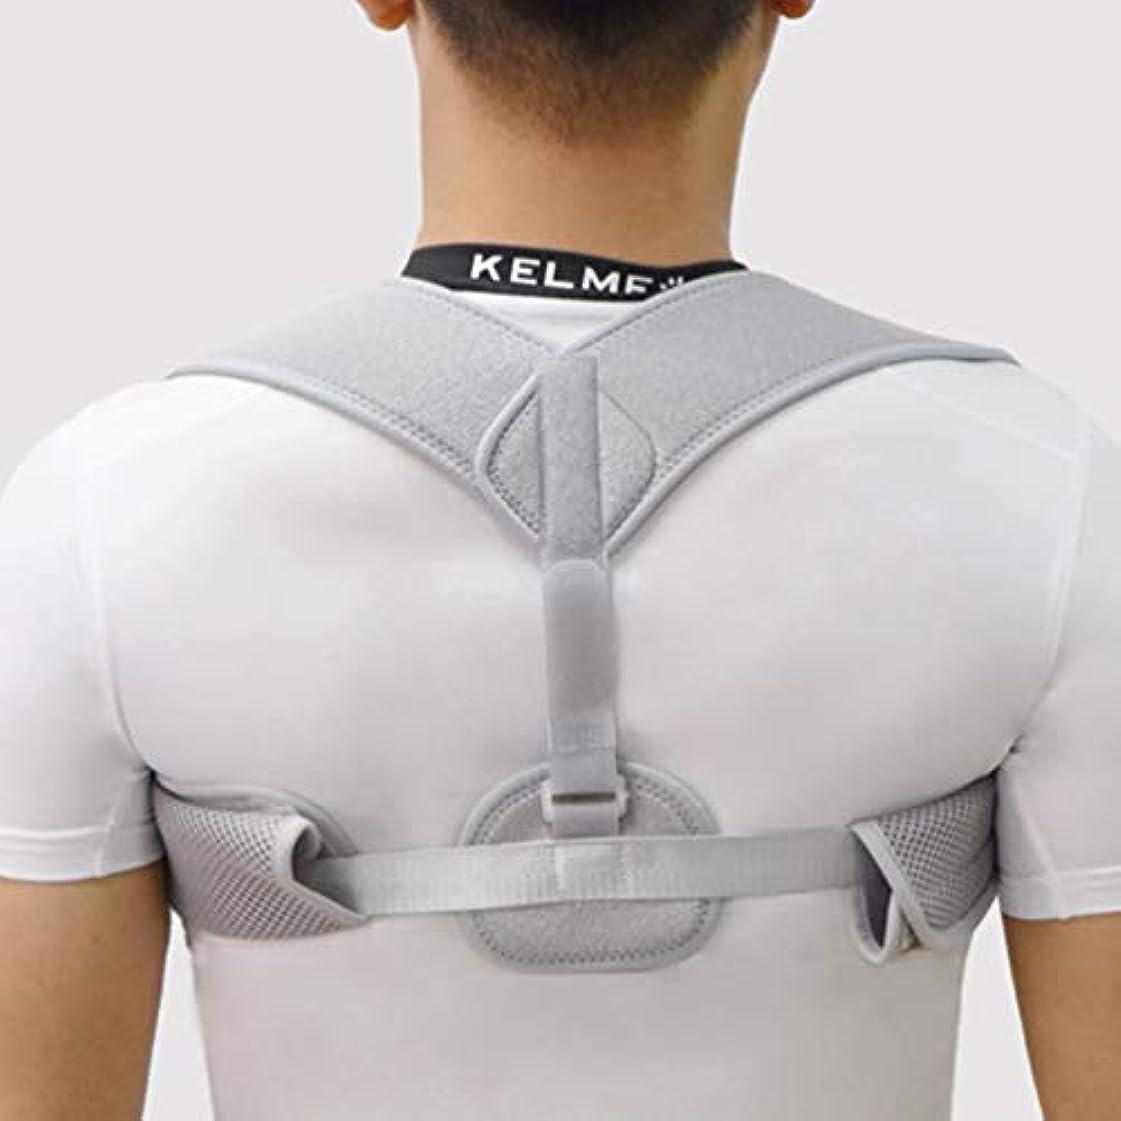 知人残り物バングラデシュ新しいアッパーバックポスチャーコレクター姿勢鎖骨サポートコレクターバックストレート肩ブレースストラップコレクター耐久性 - グレー